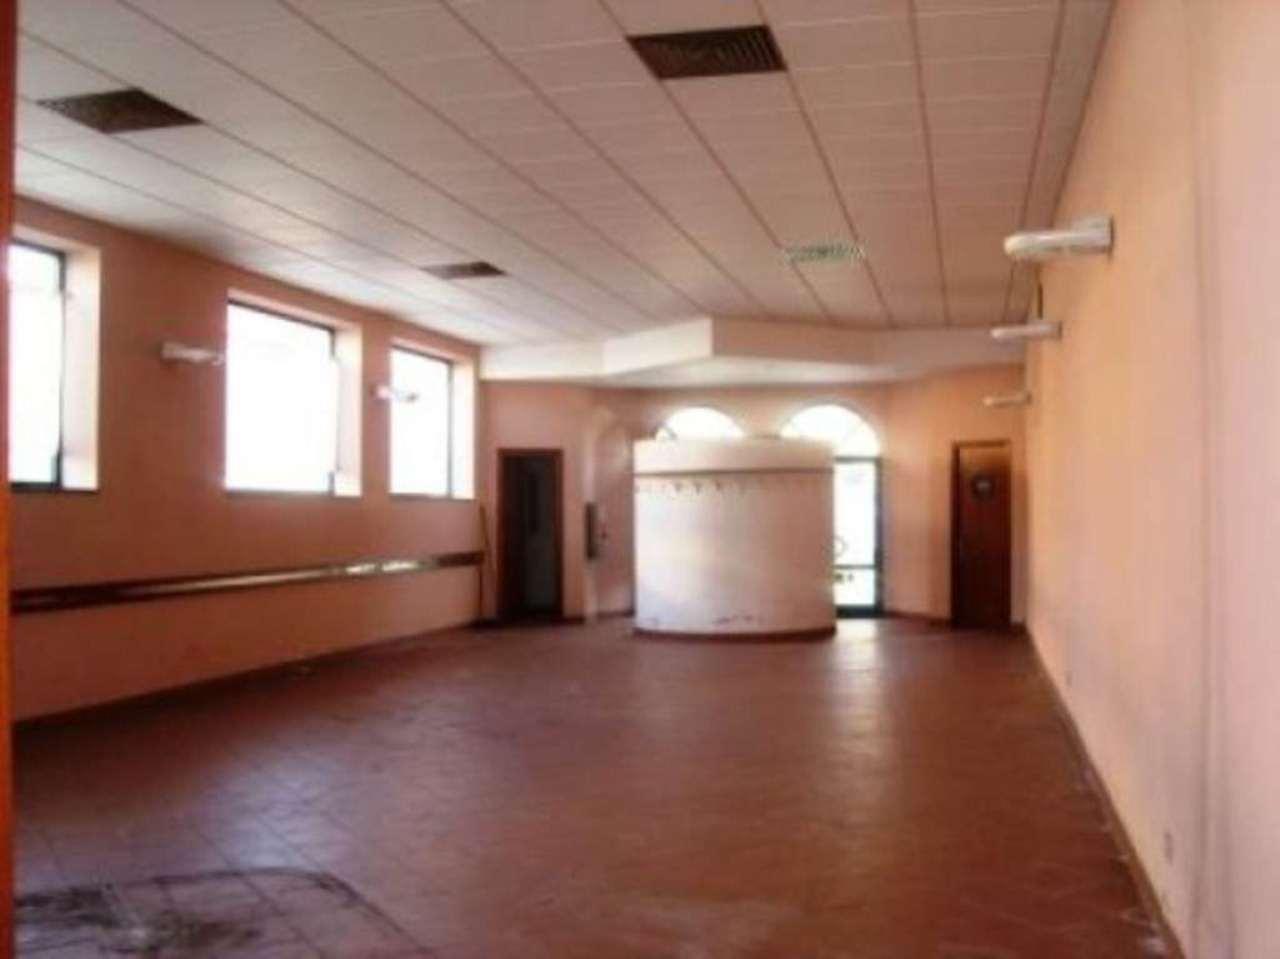 Immobile Commerciale in vendita a Ponsacco, 7 locali, prezzo € 220.000 | Cambio Casa.it